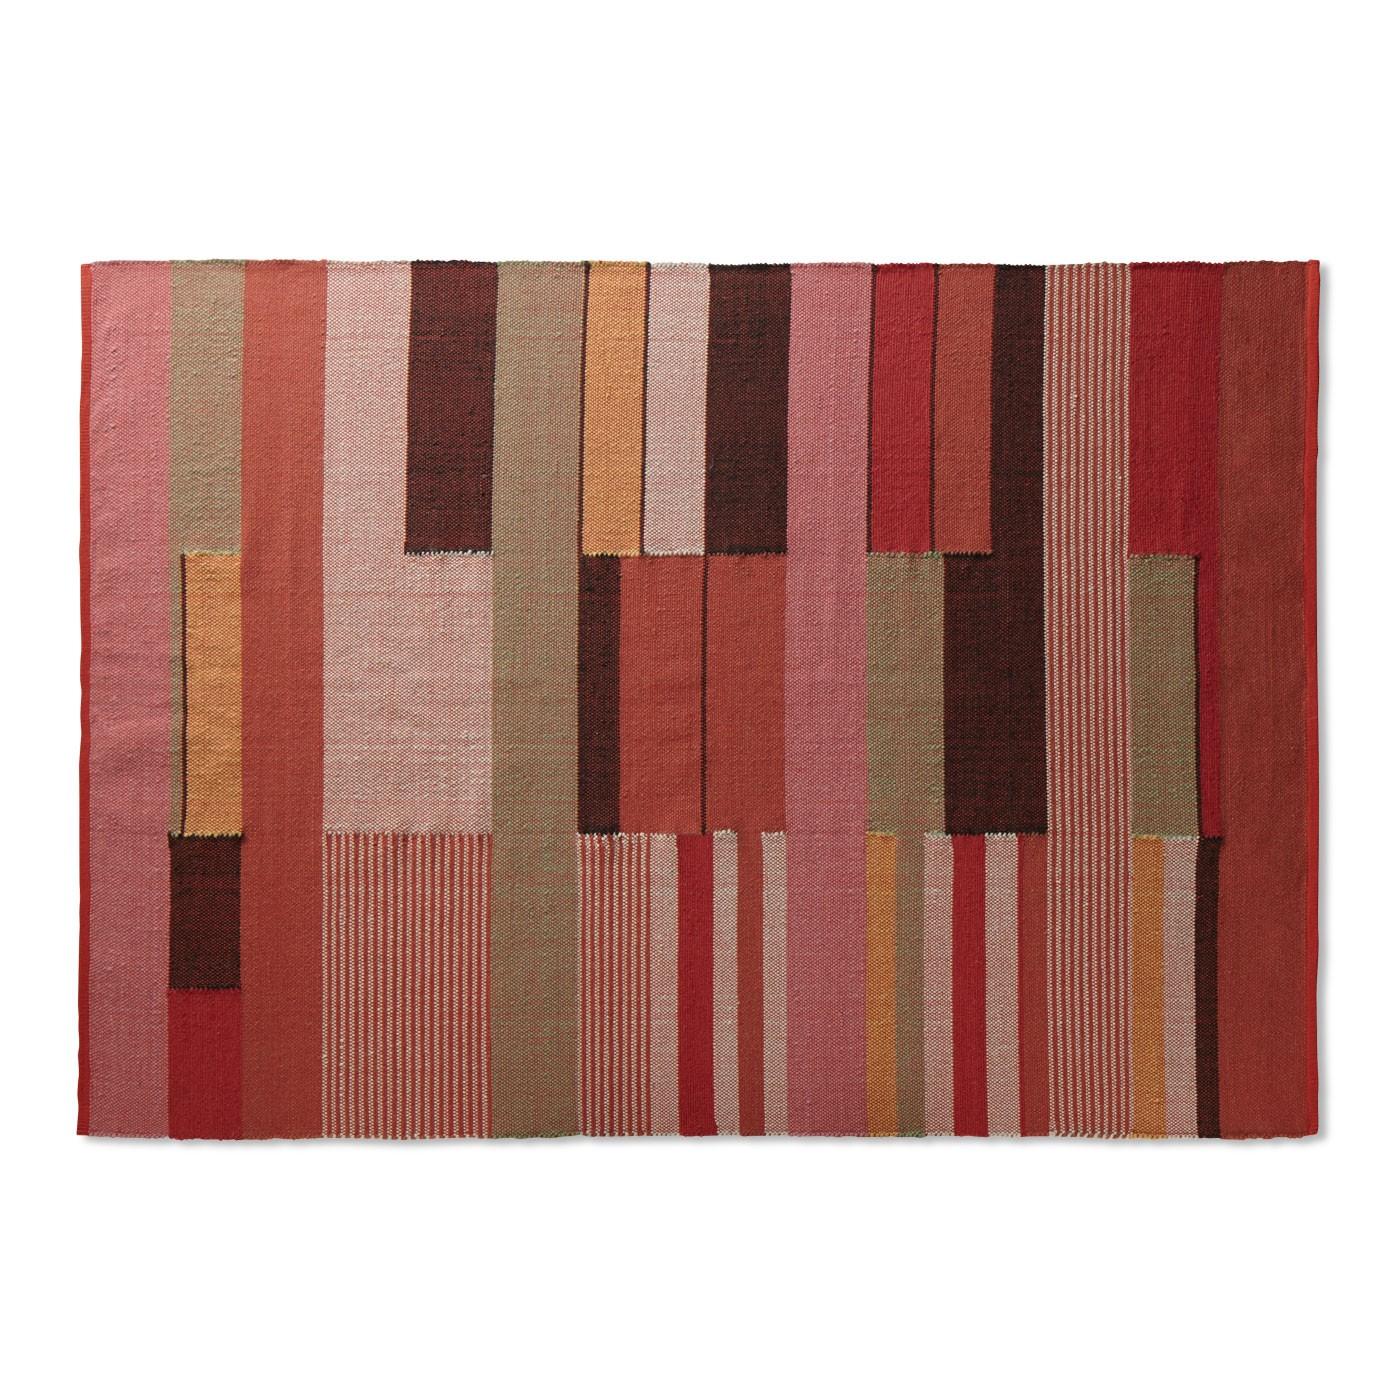 modern rugs charlie 6u0027 x 9u0027 colorful rug - modern area rugs   blu dot CHKVEJH